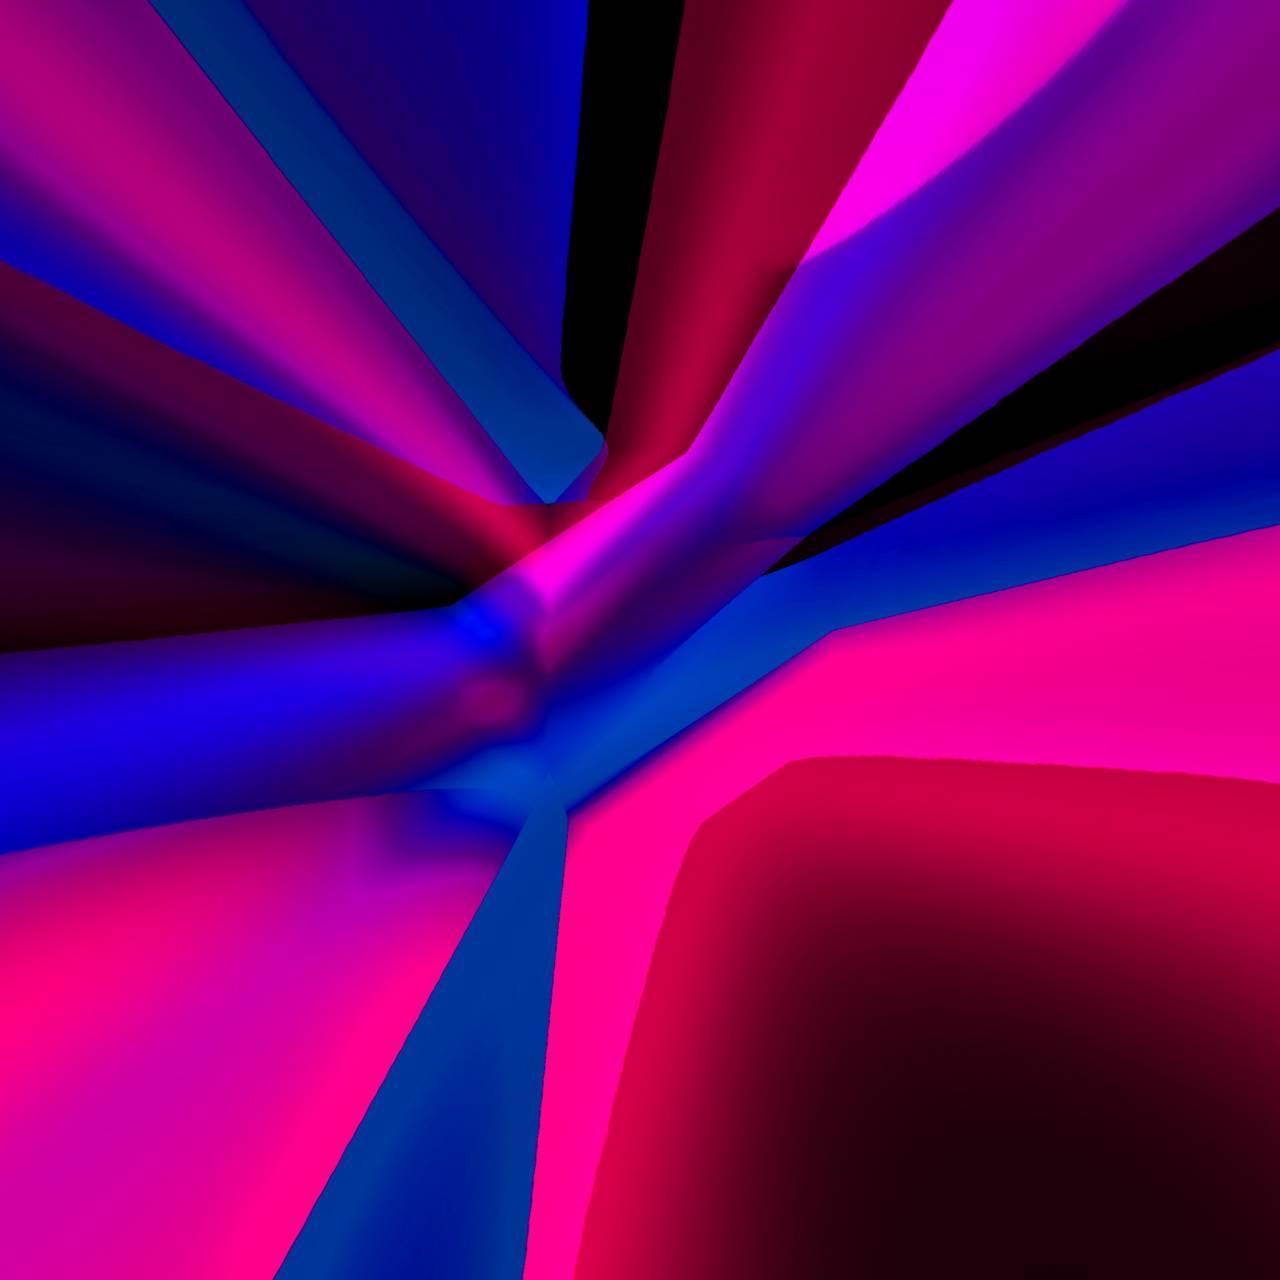 Wallpaper redblue